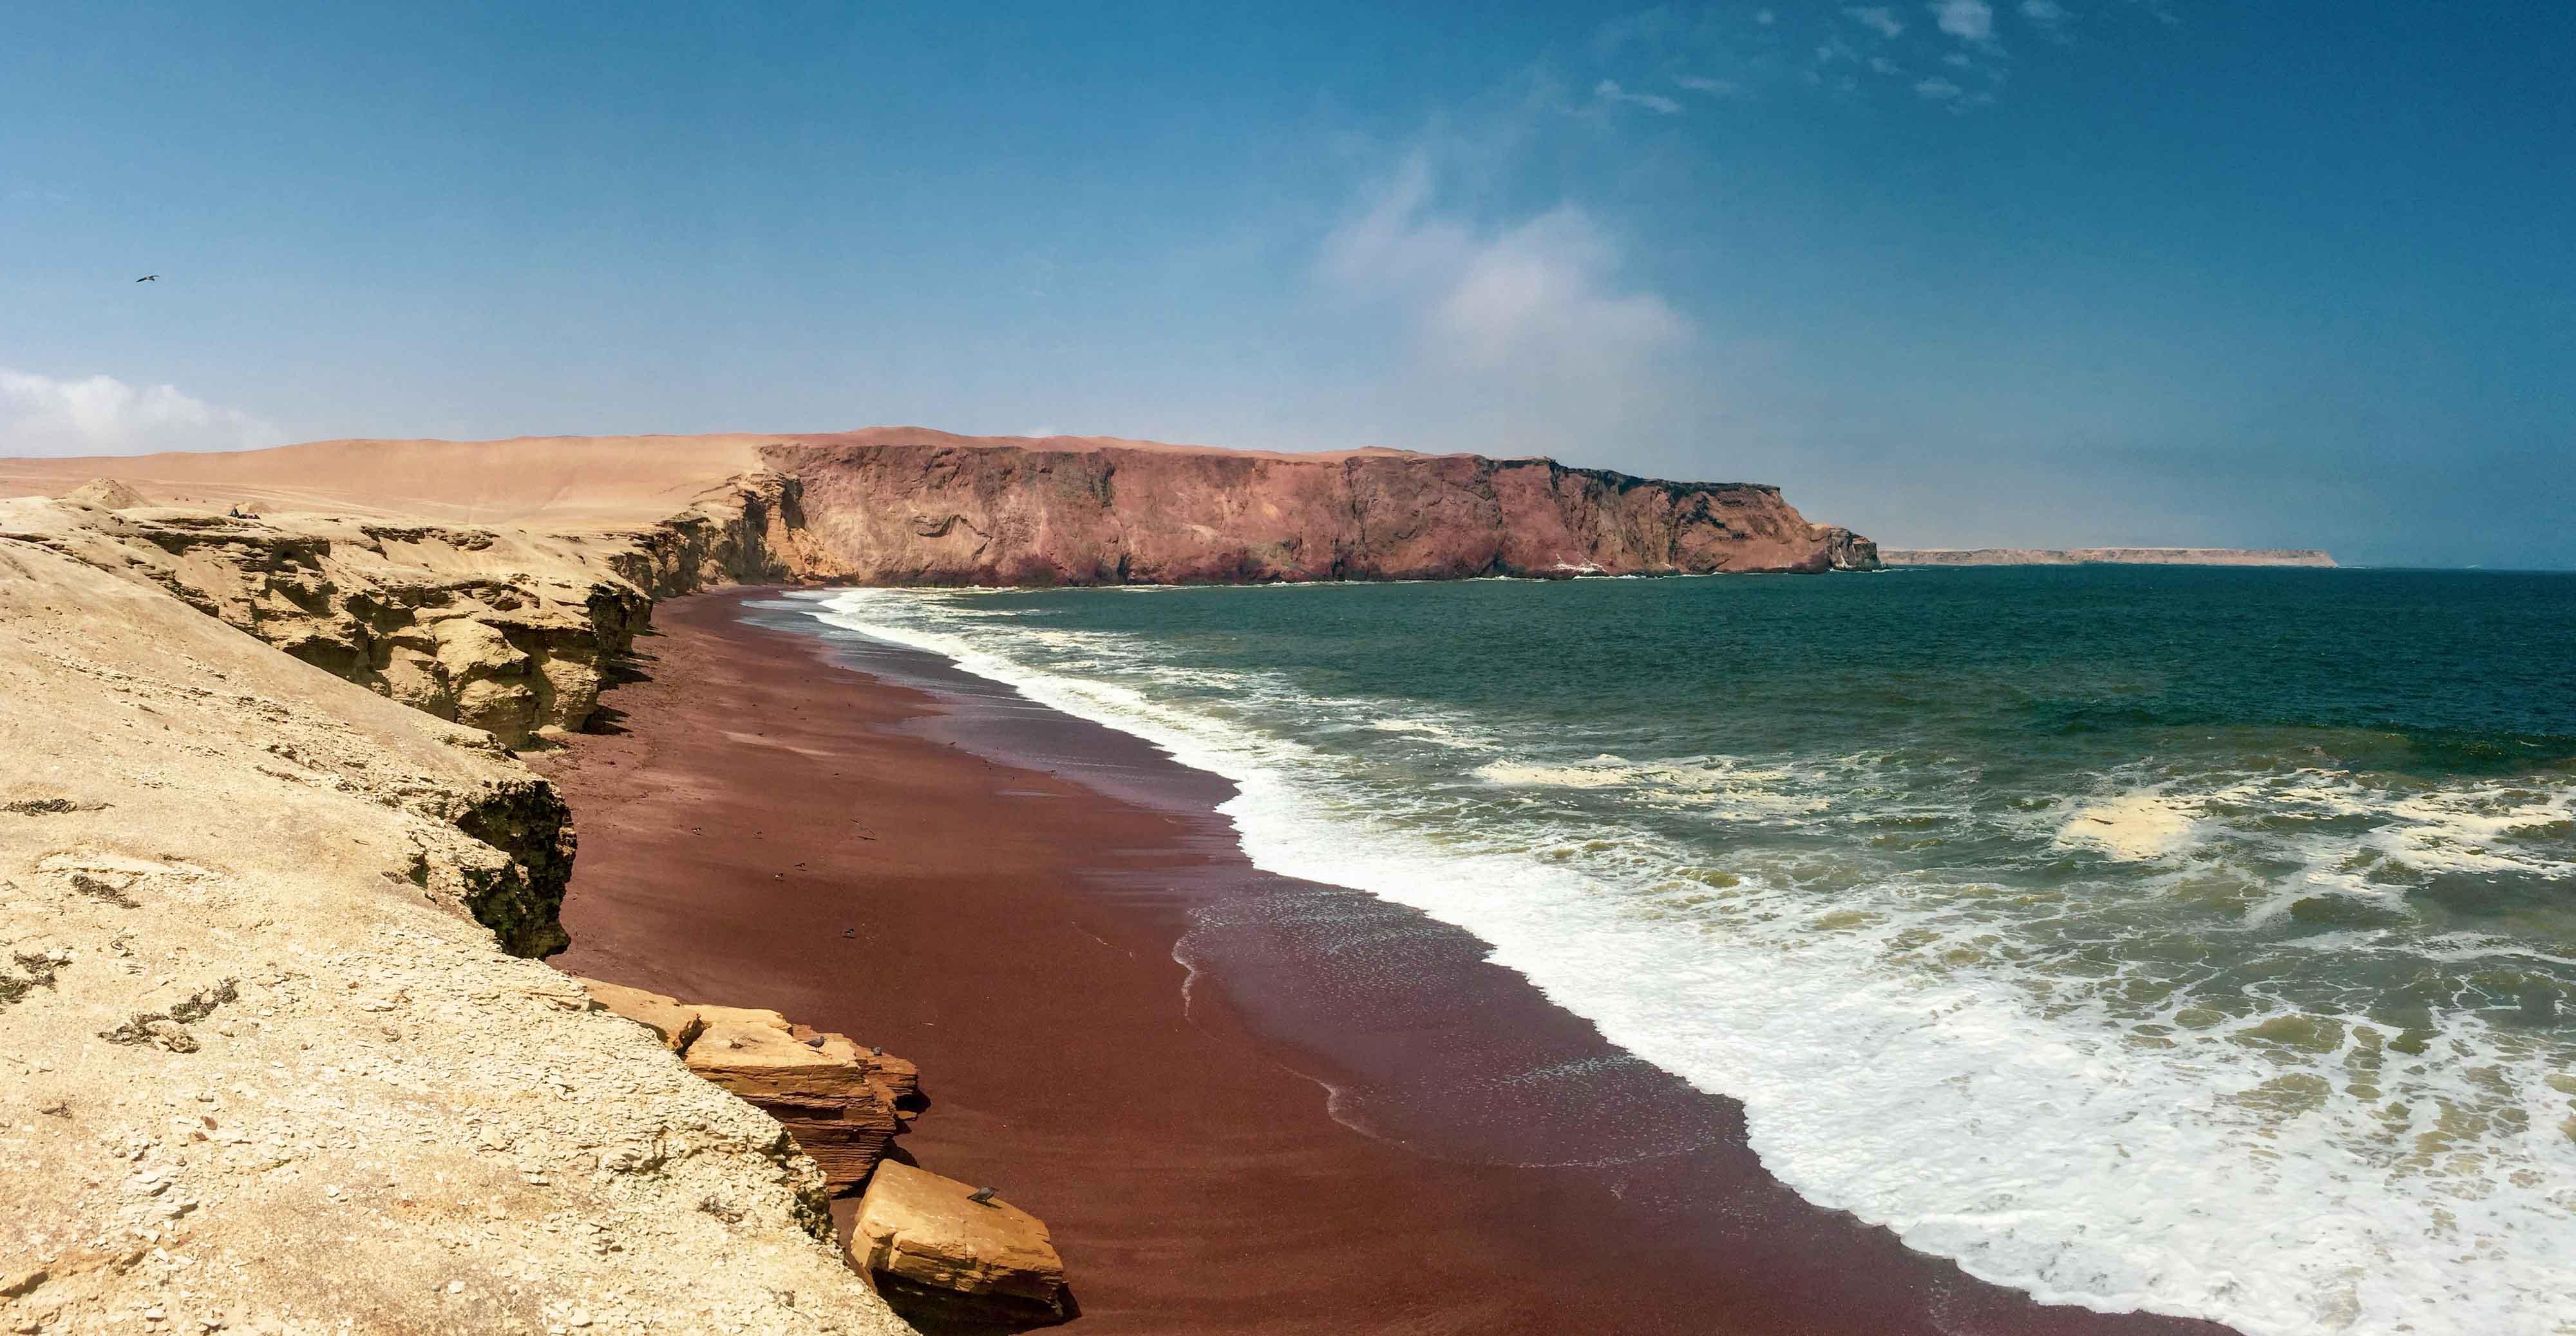 La Playa Roja dans la réserve naturelle de Paracas au Pérou